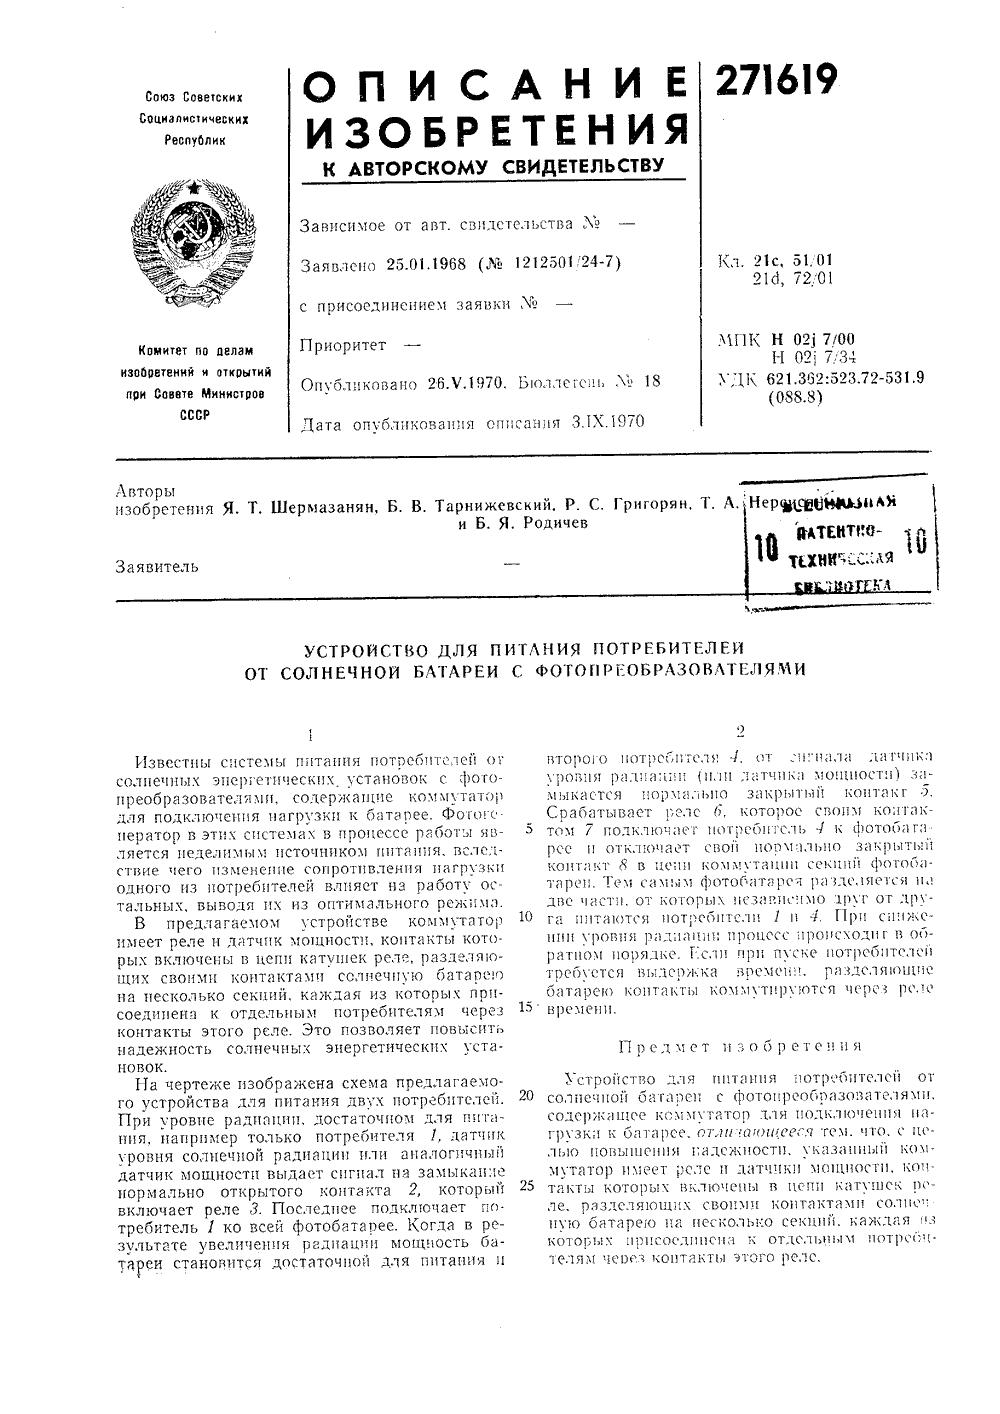 схема подключения апн 11/2 на 220